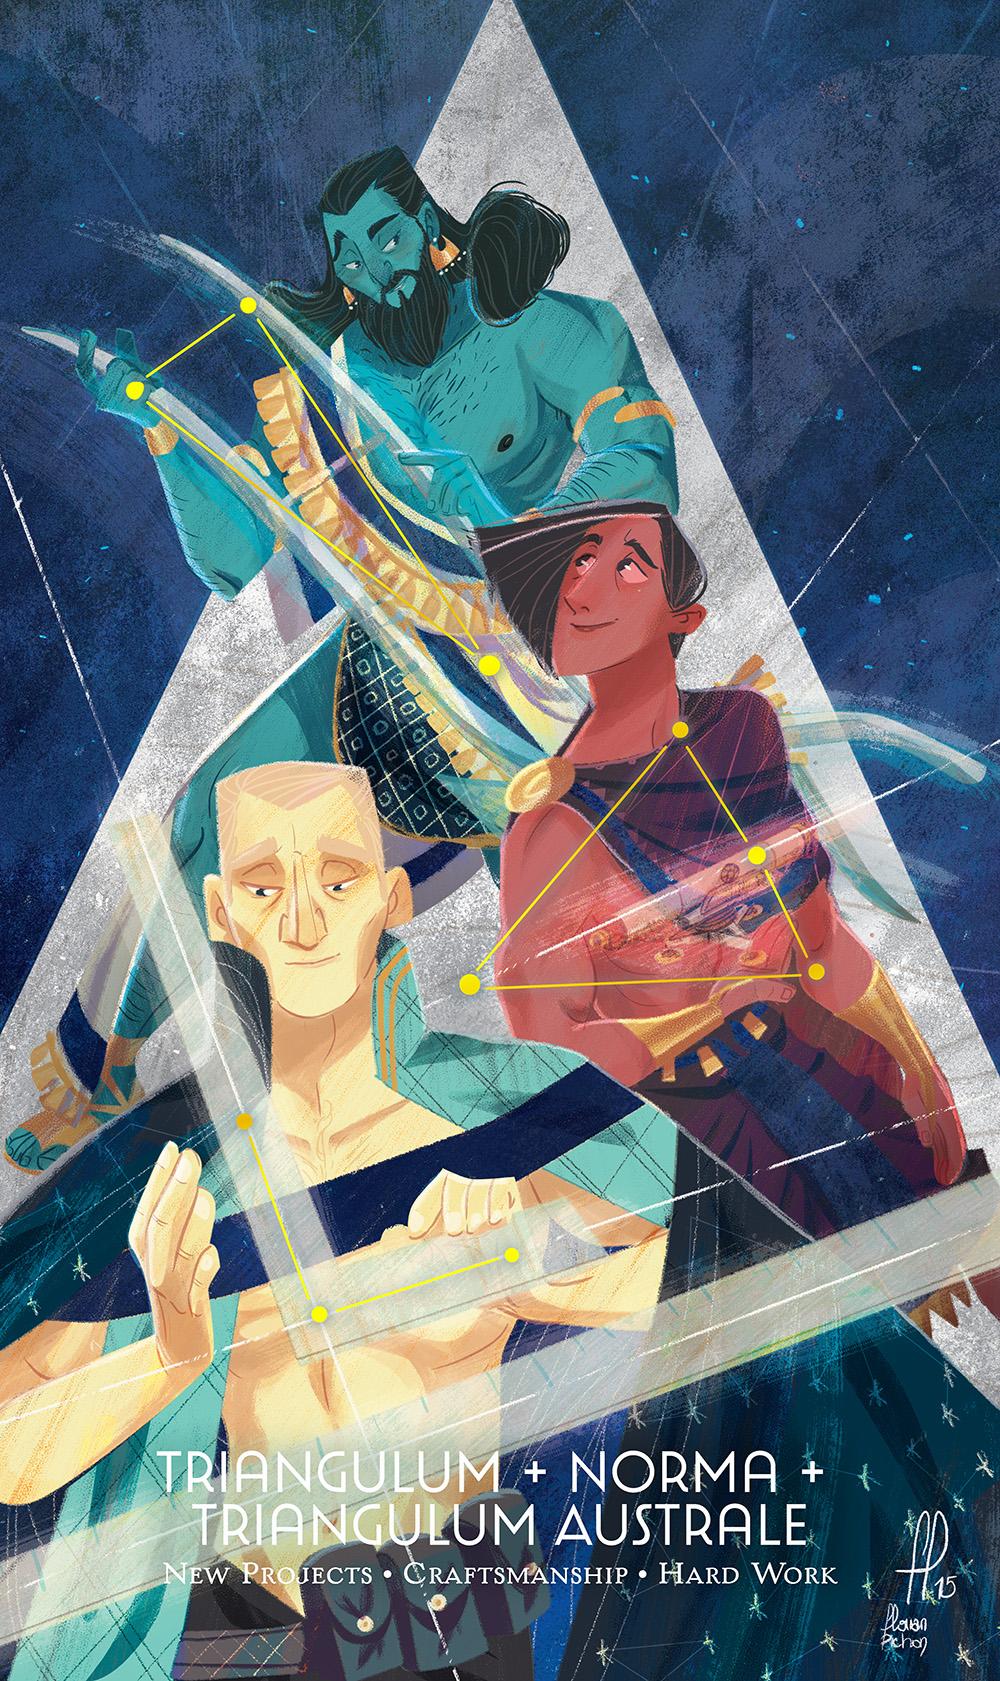 """""""Triangulum + Norma + Triangulum Australe"""" by Florian Pichon"""